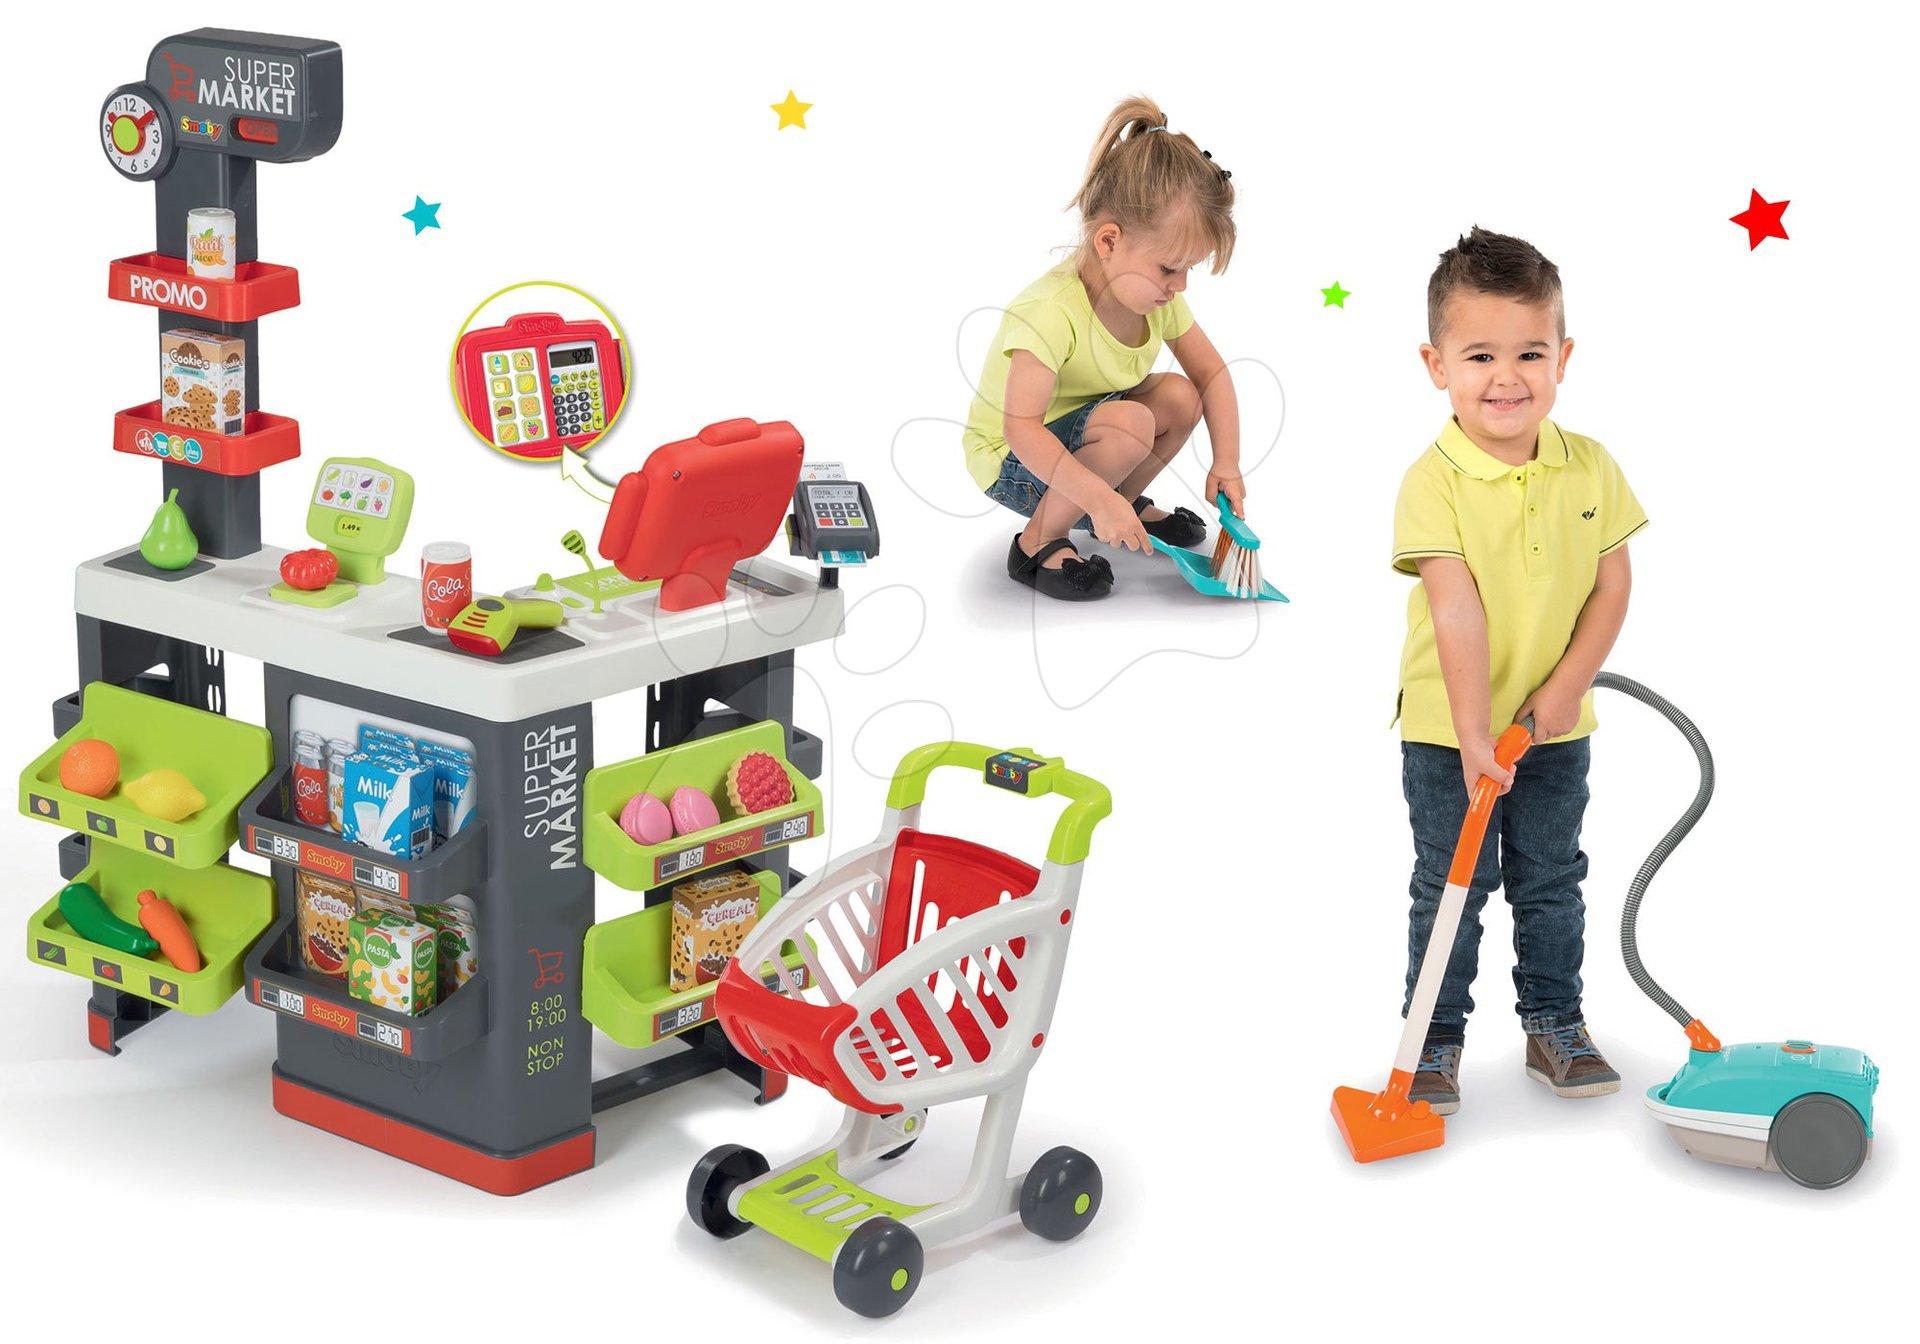 Smoby set obchod s vozíkem Supermarket a vysavač Rowenta Artec 2 se zvukem a smeták s lopatkou 350213-10